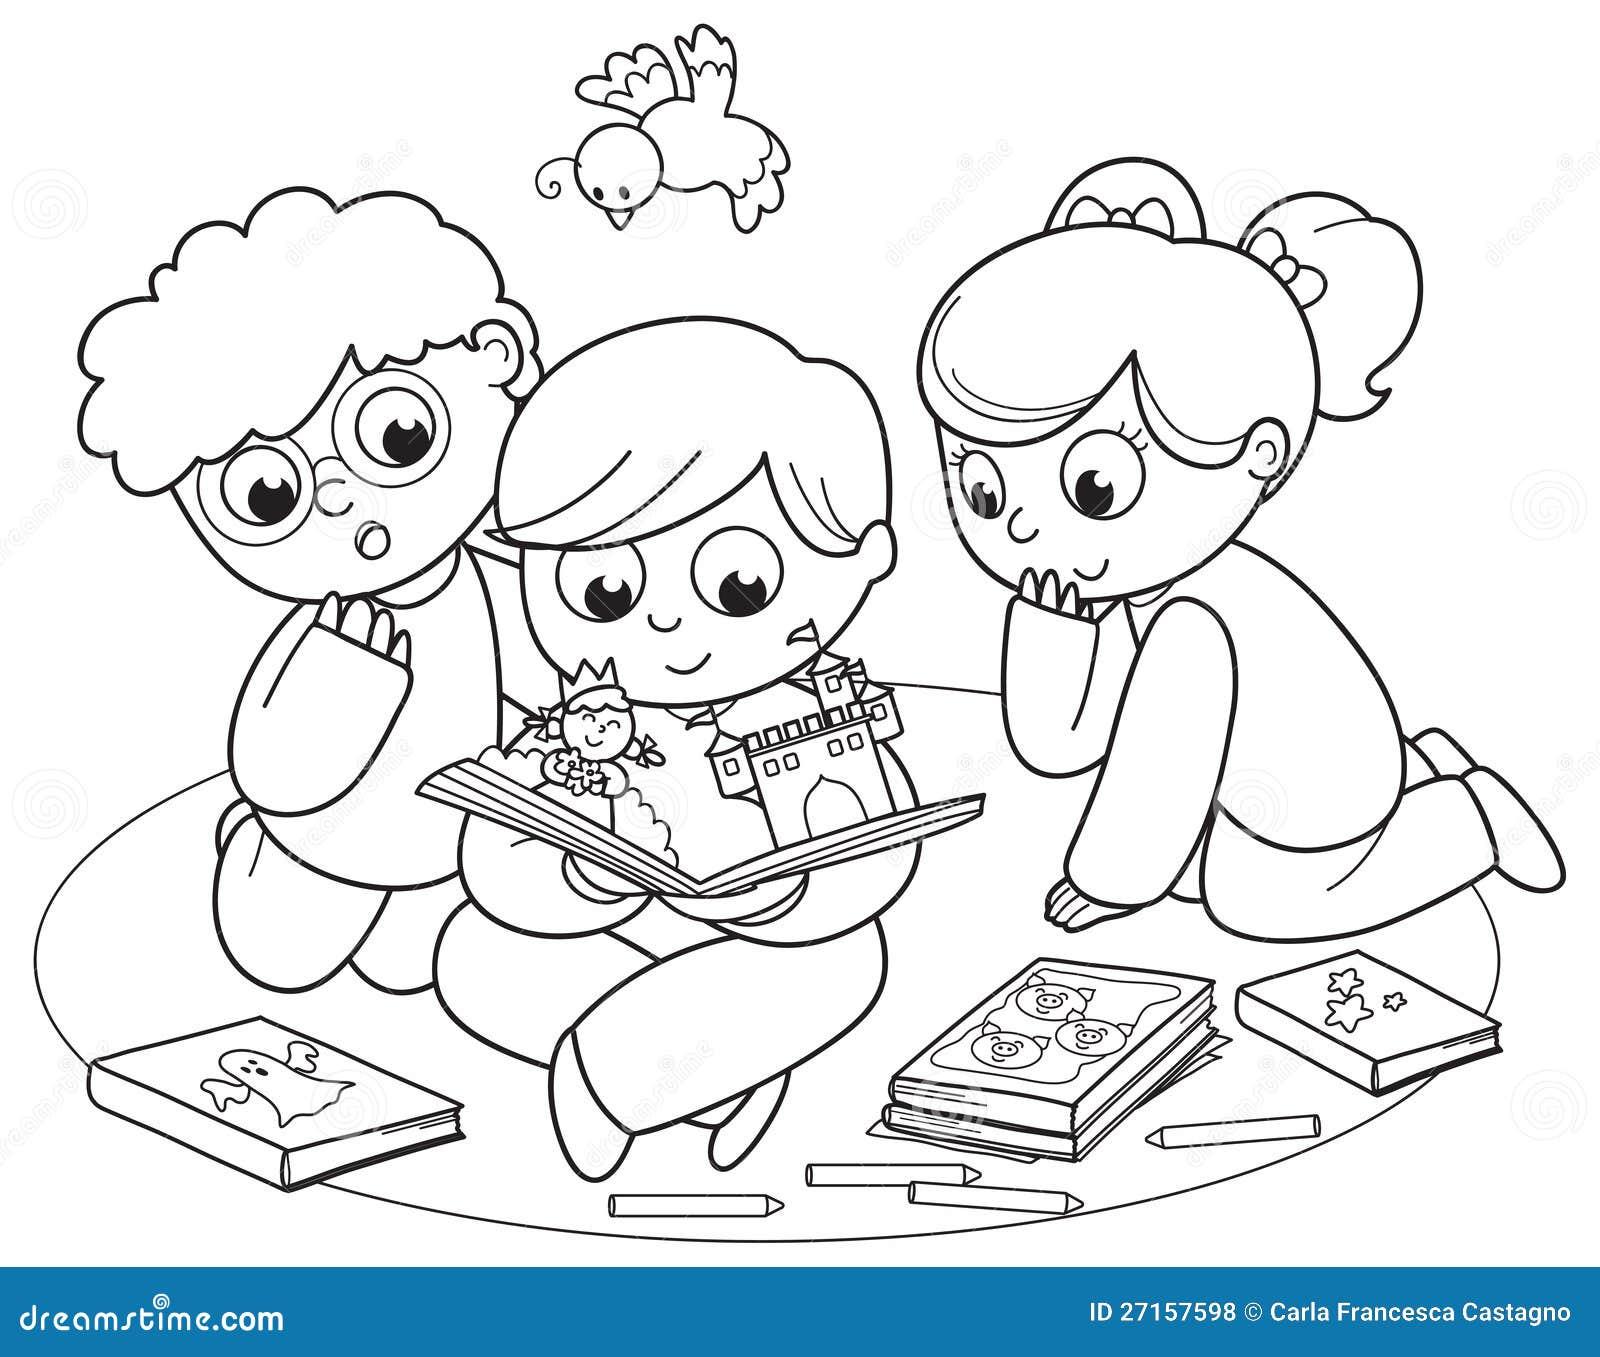 Farbtonabbildung der freunde die zusammen ein pop up buch lesen